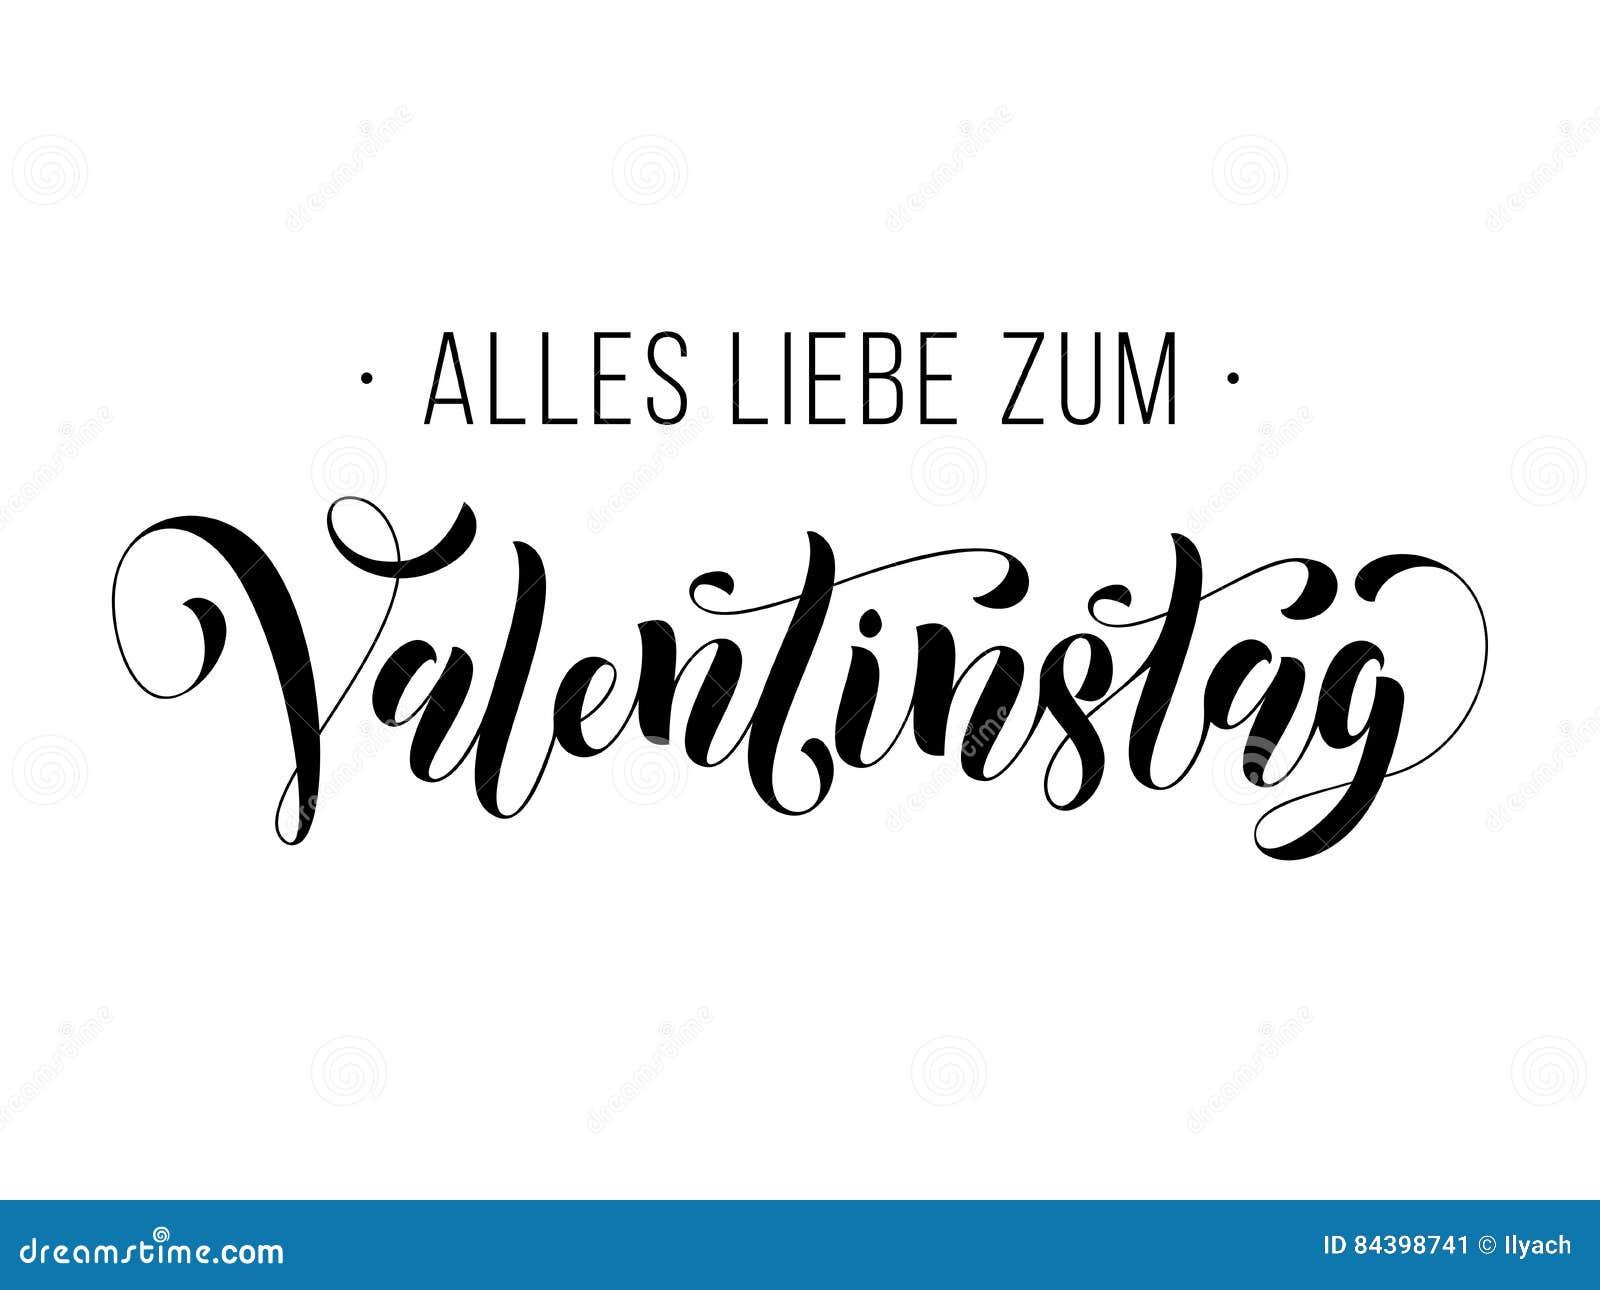 Walentynki Teksta Valentinstag Niemiecki Kartka Z Pozdrowieniami ...